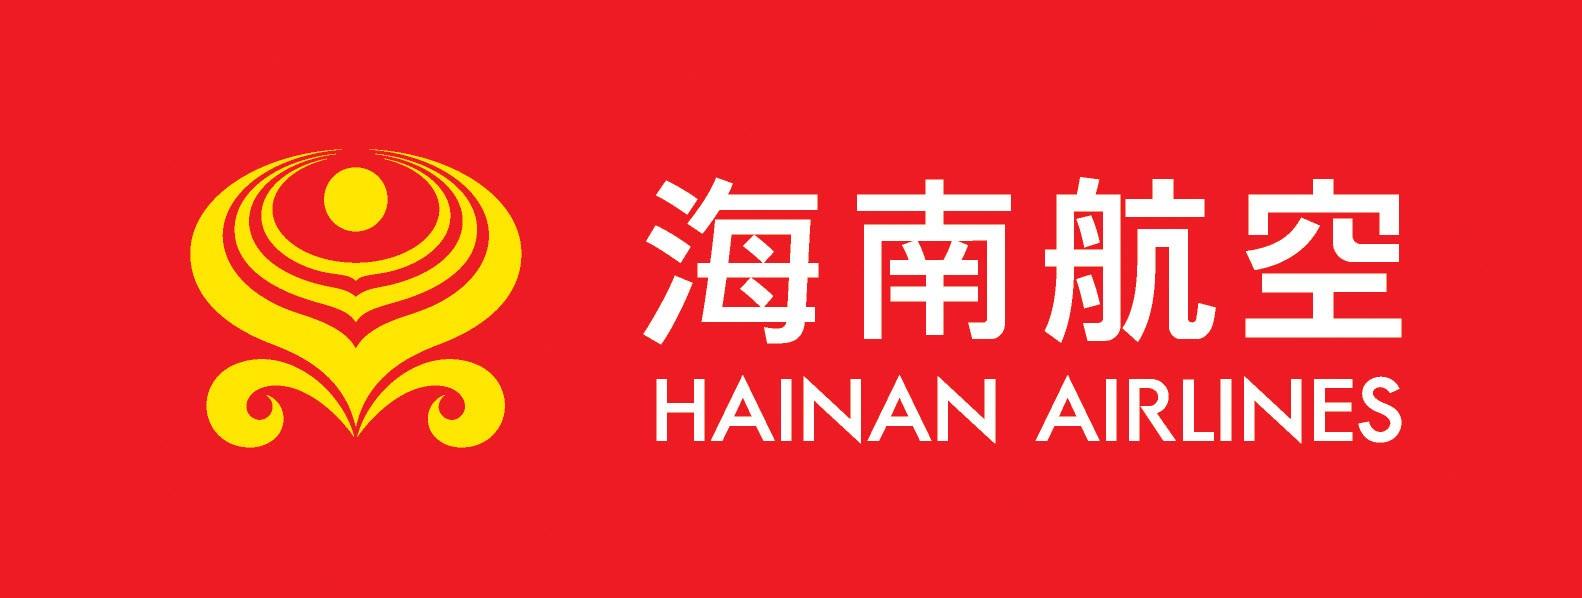 中英文对照LOGO红底横版